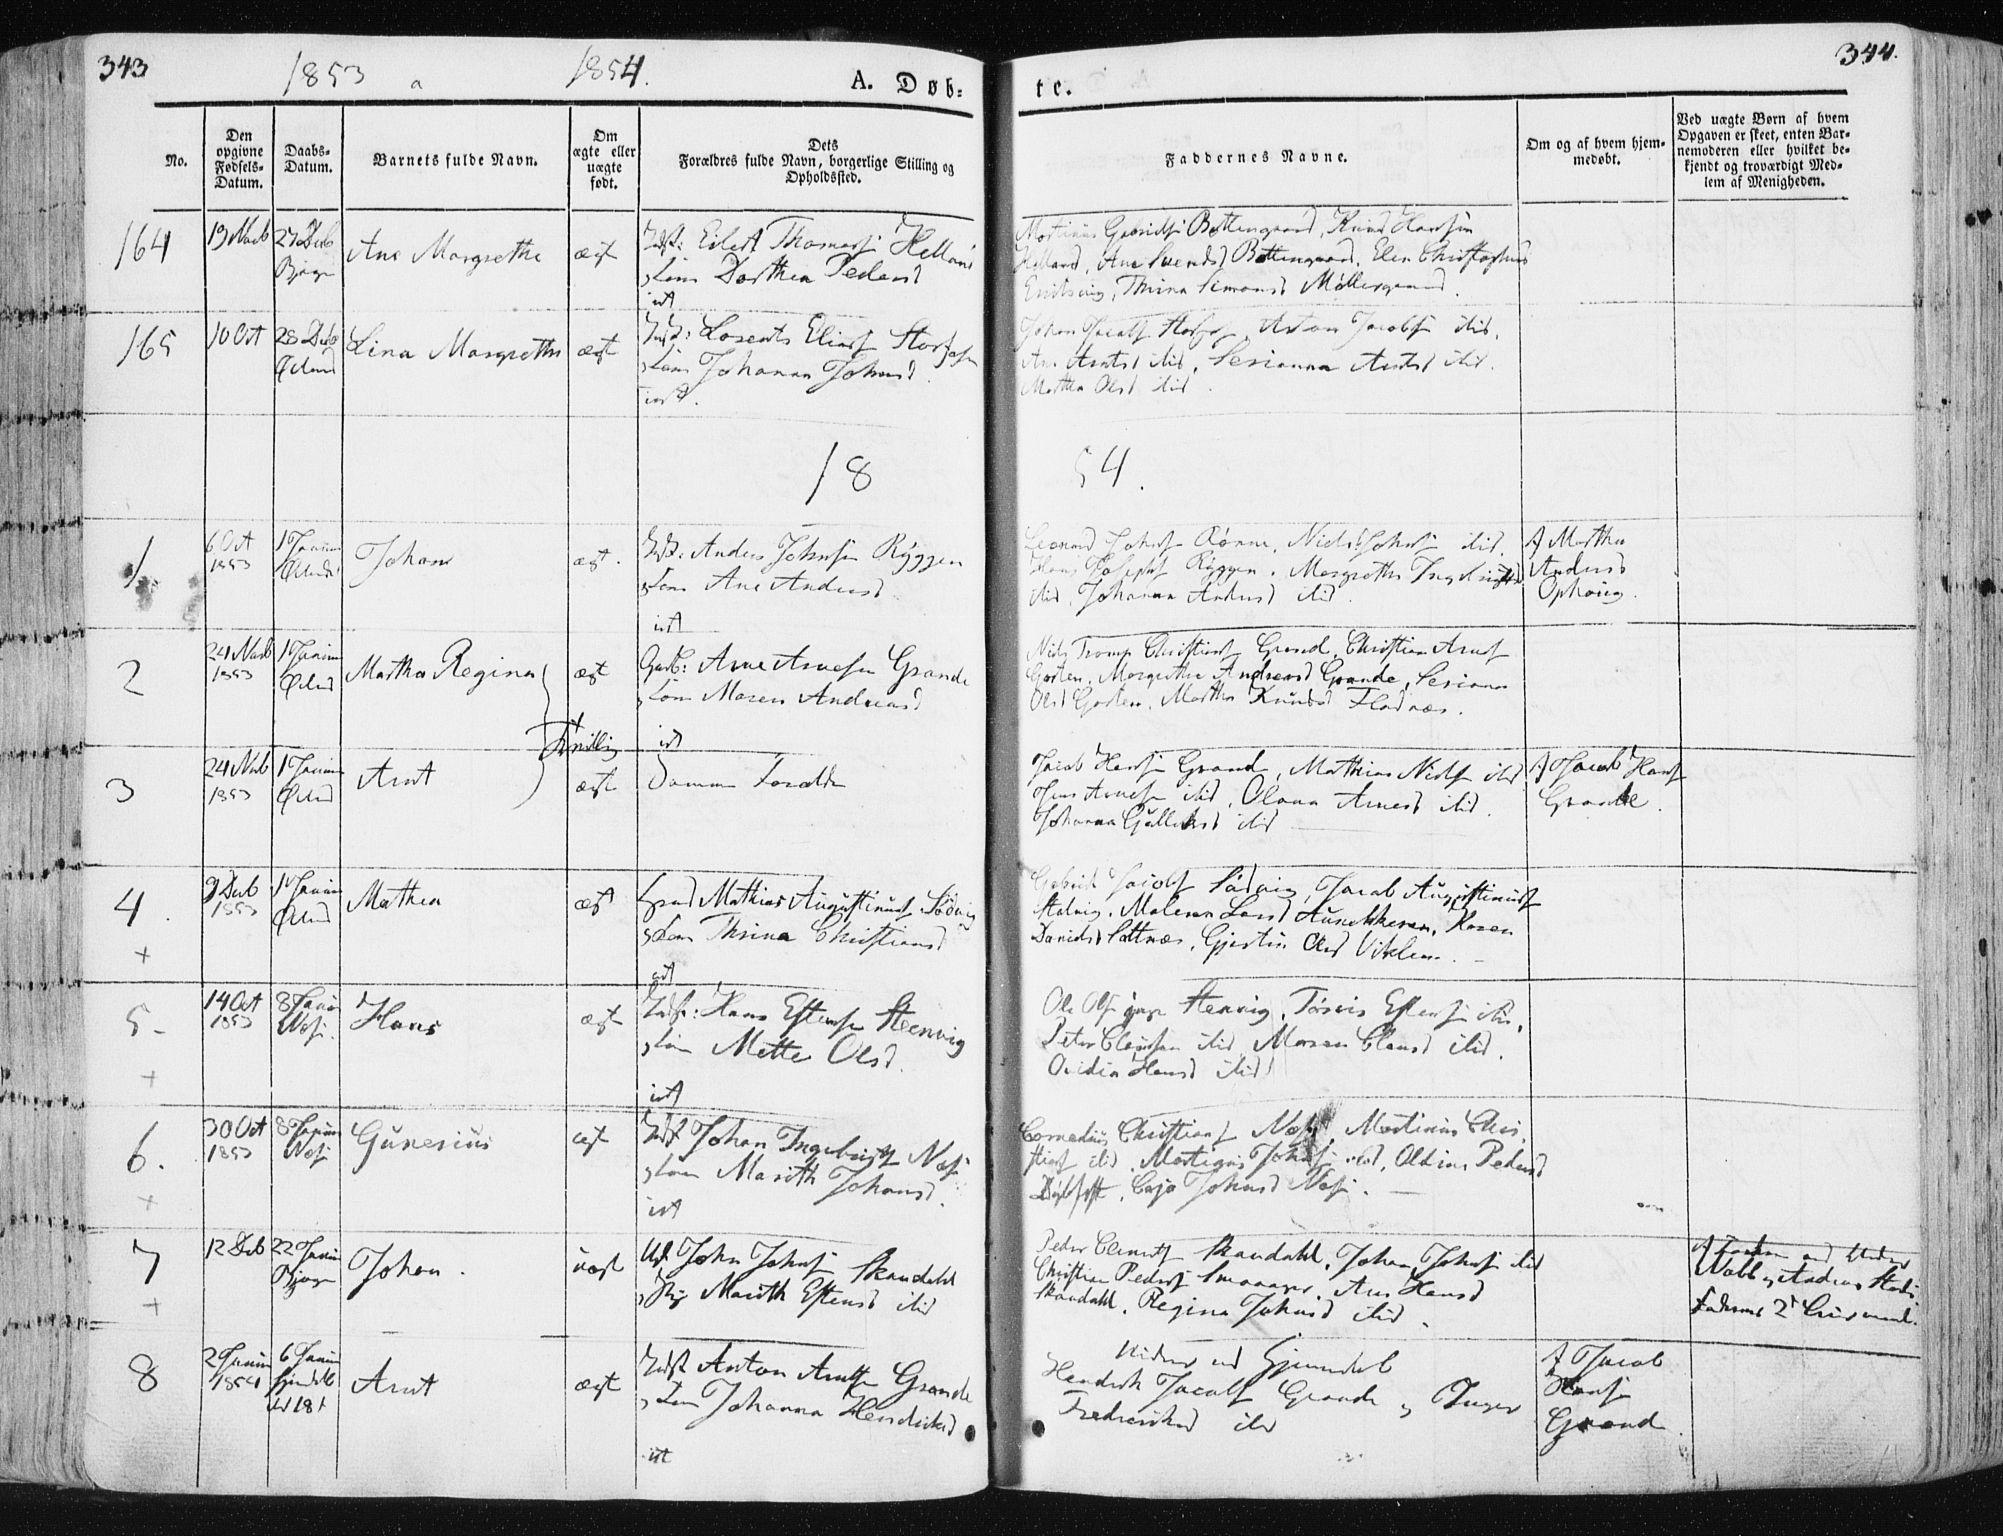 SAT, Ministerialprotokoller, klokkerbøker og fødselsregistre - Sør-Trøndelag, 659/L0736: Ministerialbok nr. 659A06, 1842-1856, s. 343-344